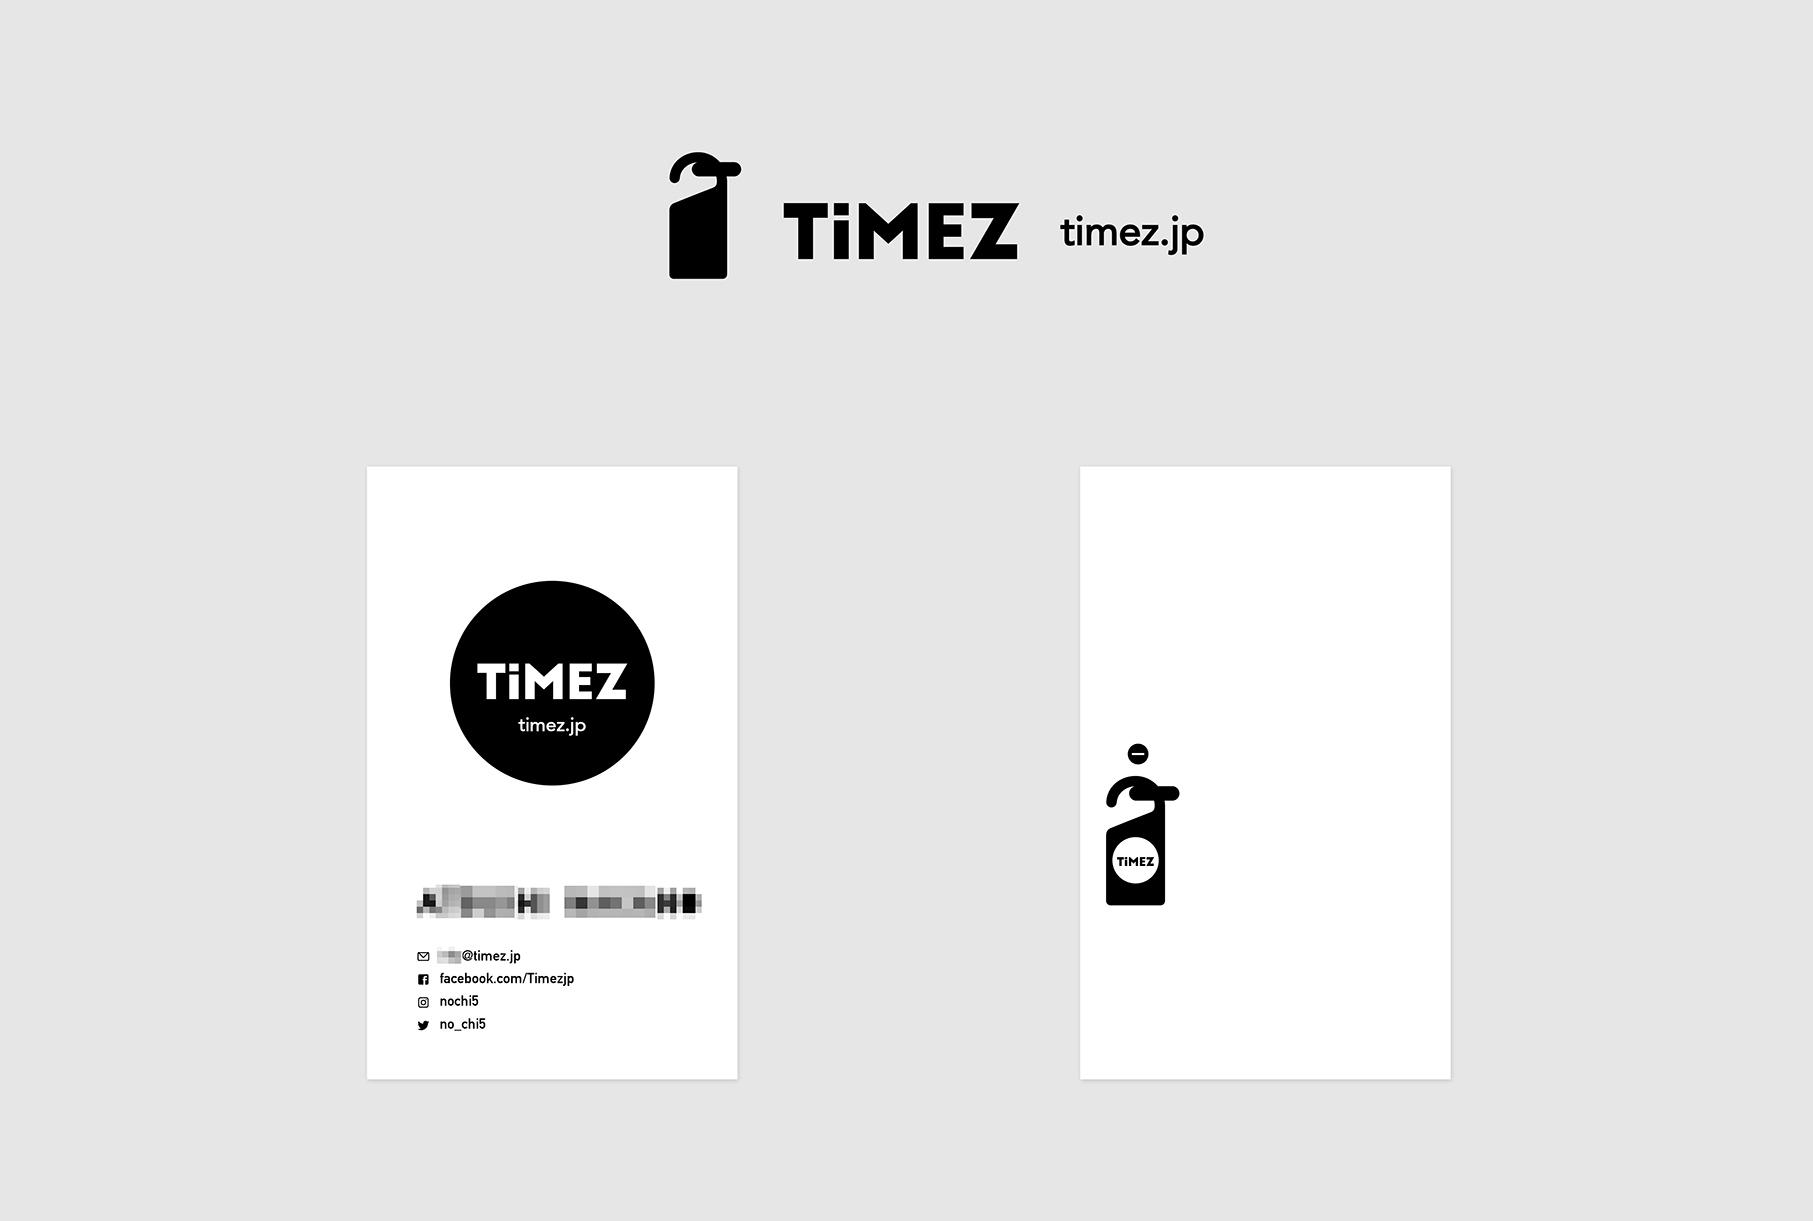 design_timez.jpg